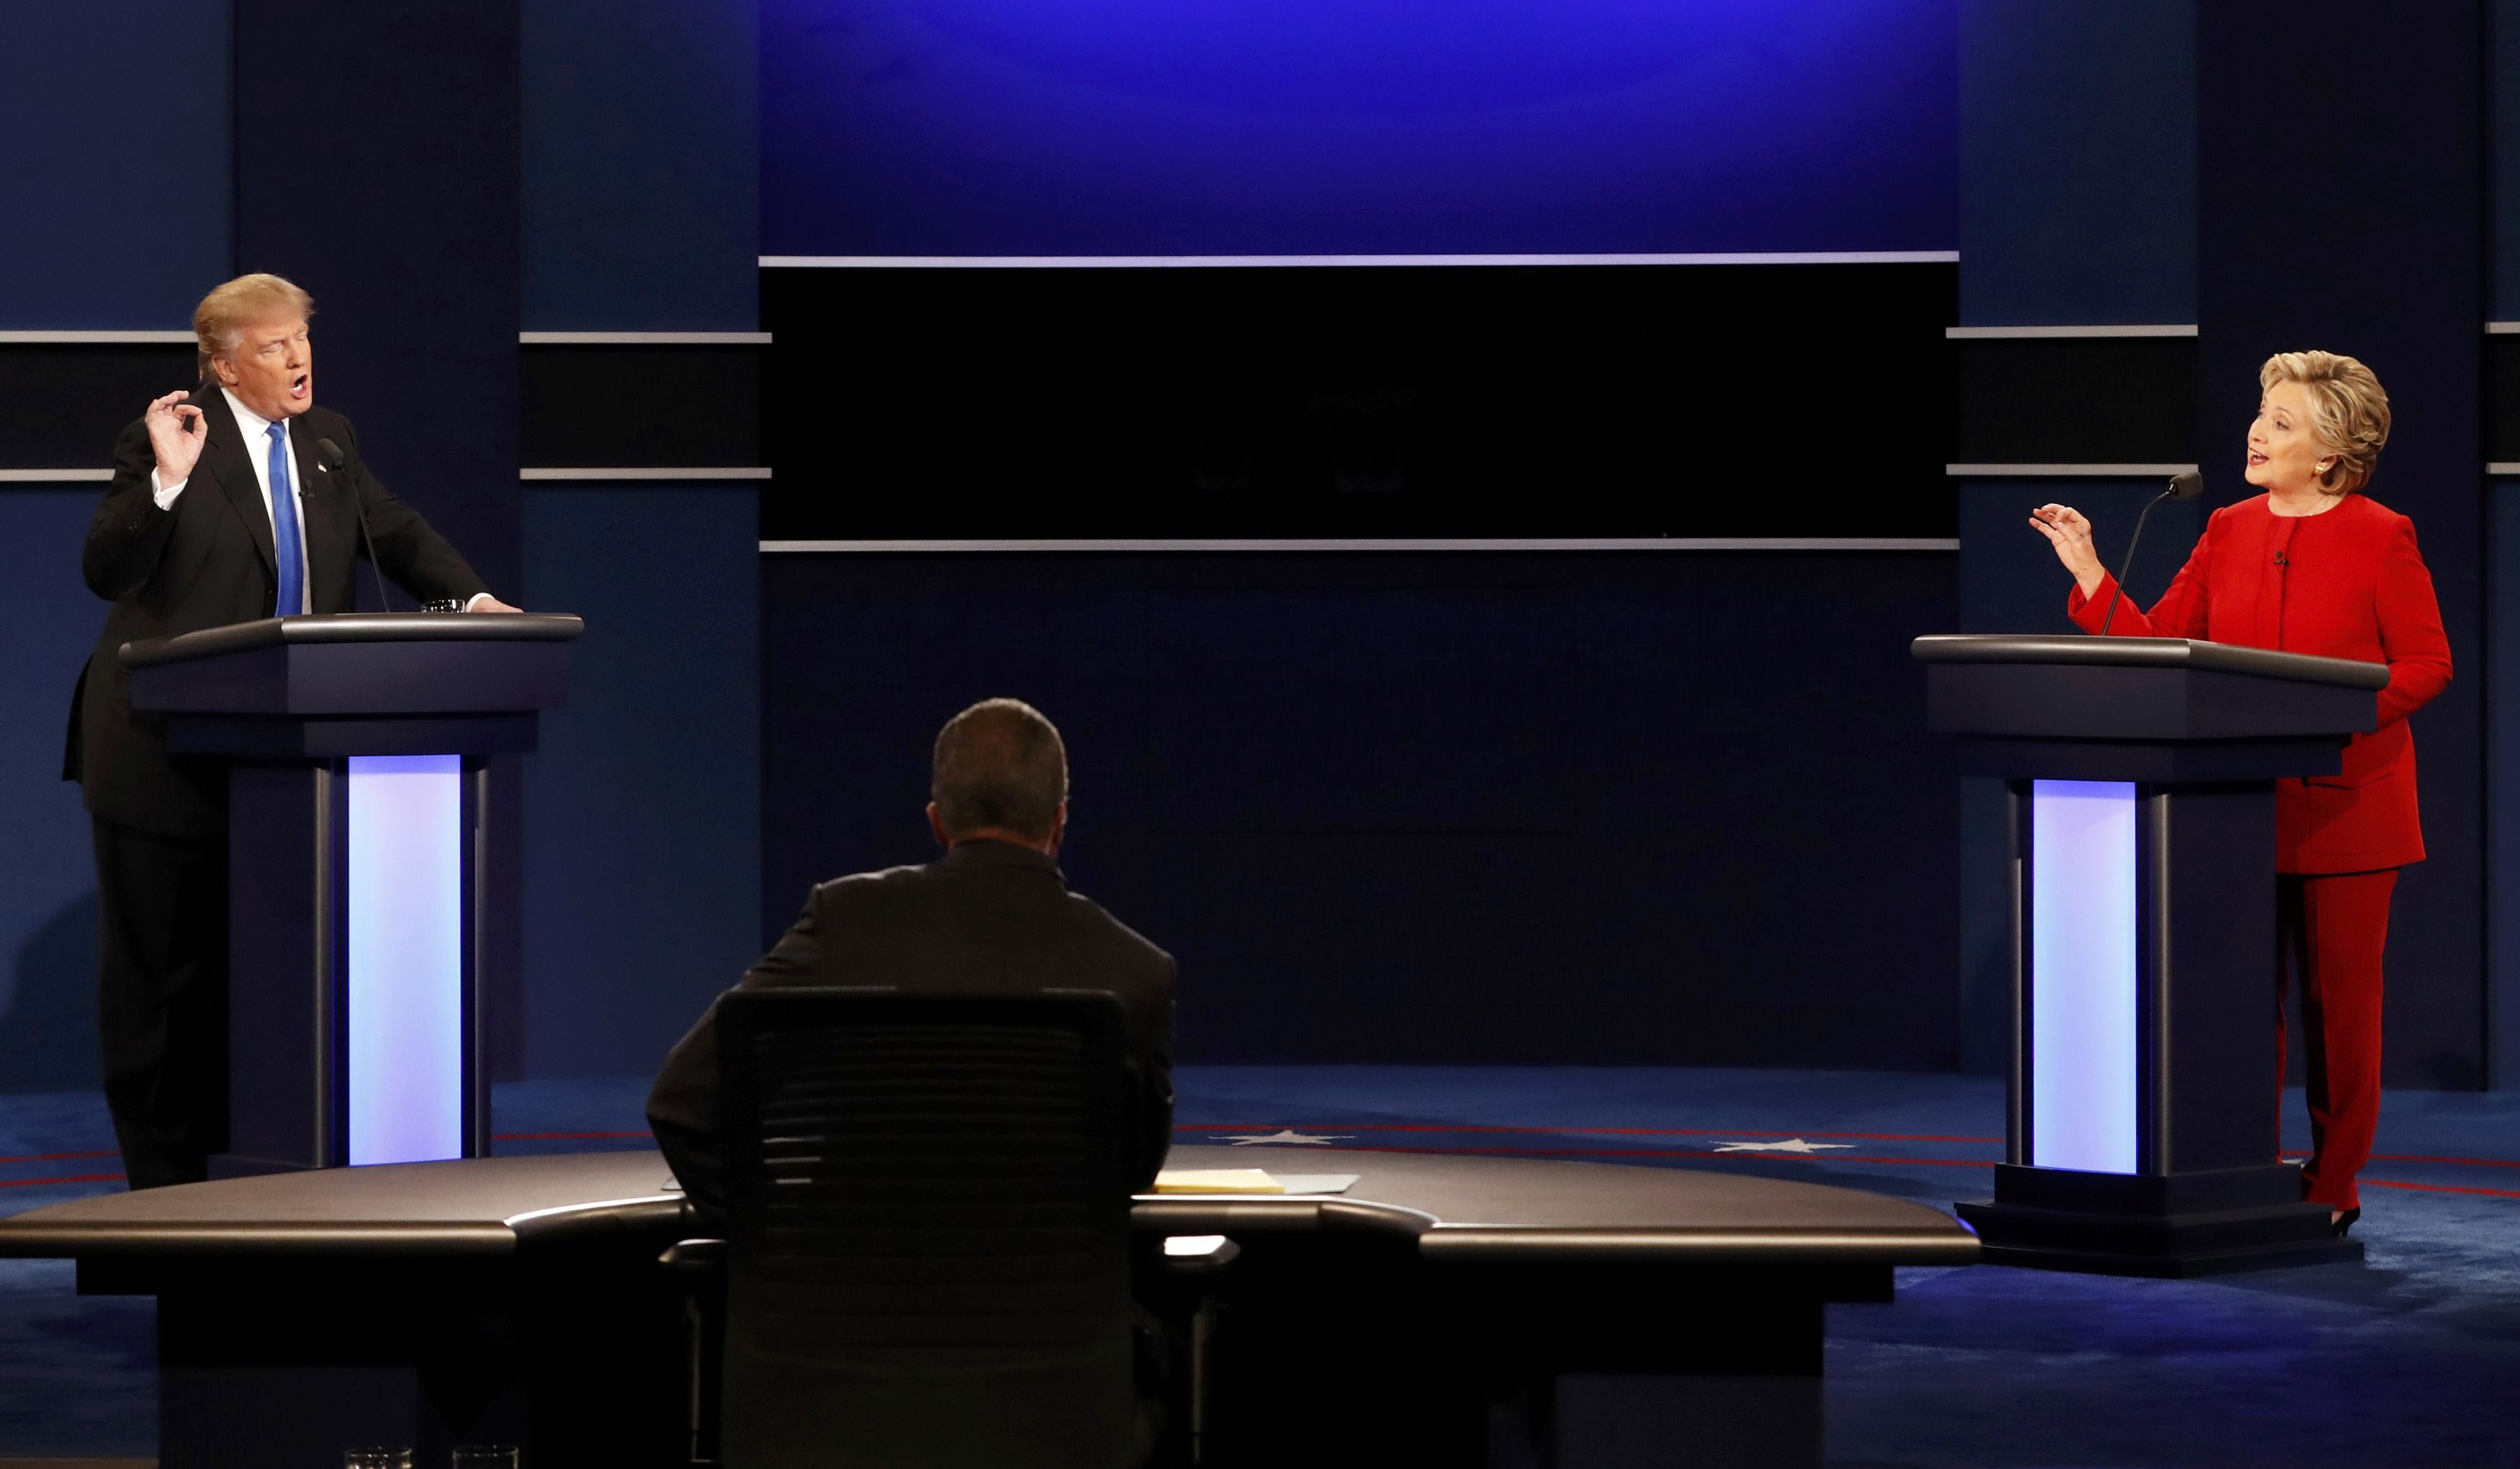 Дебати Клінтон та Трампа_8